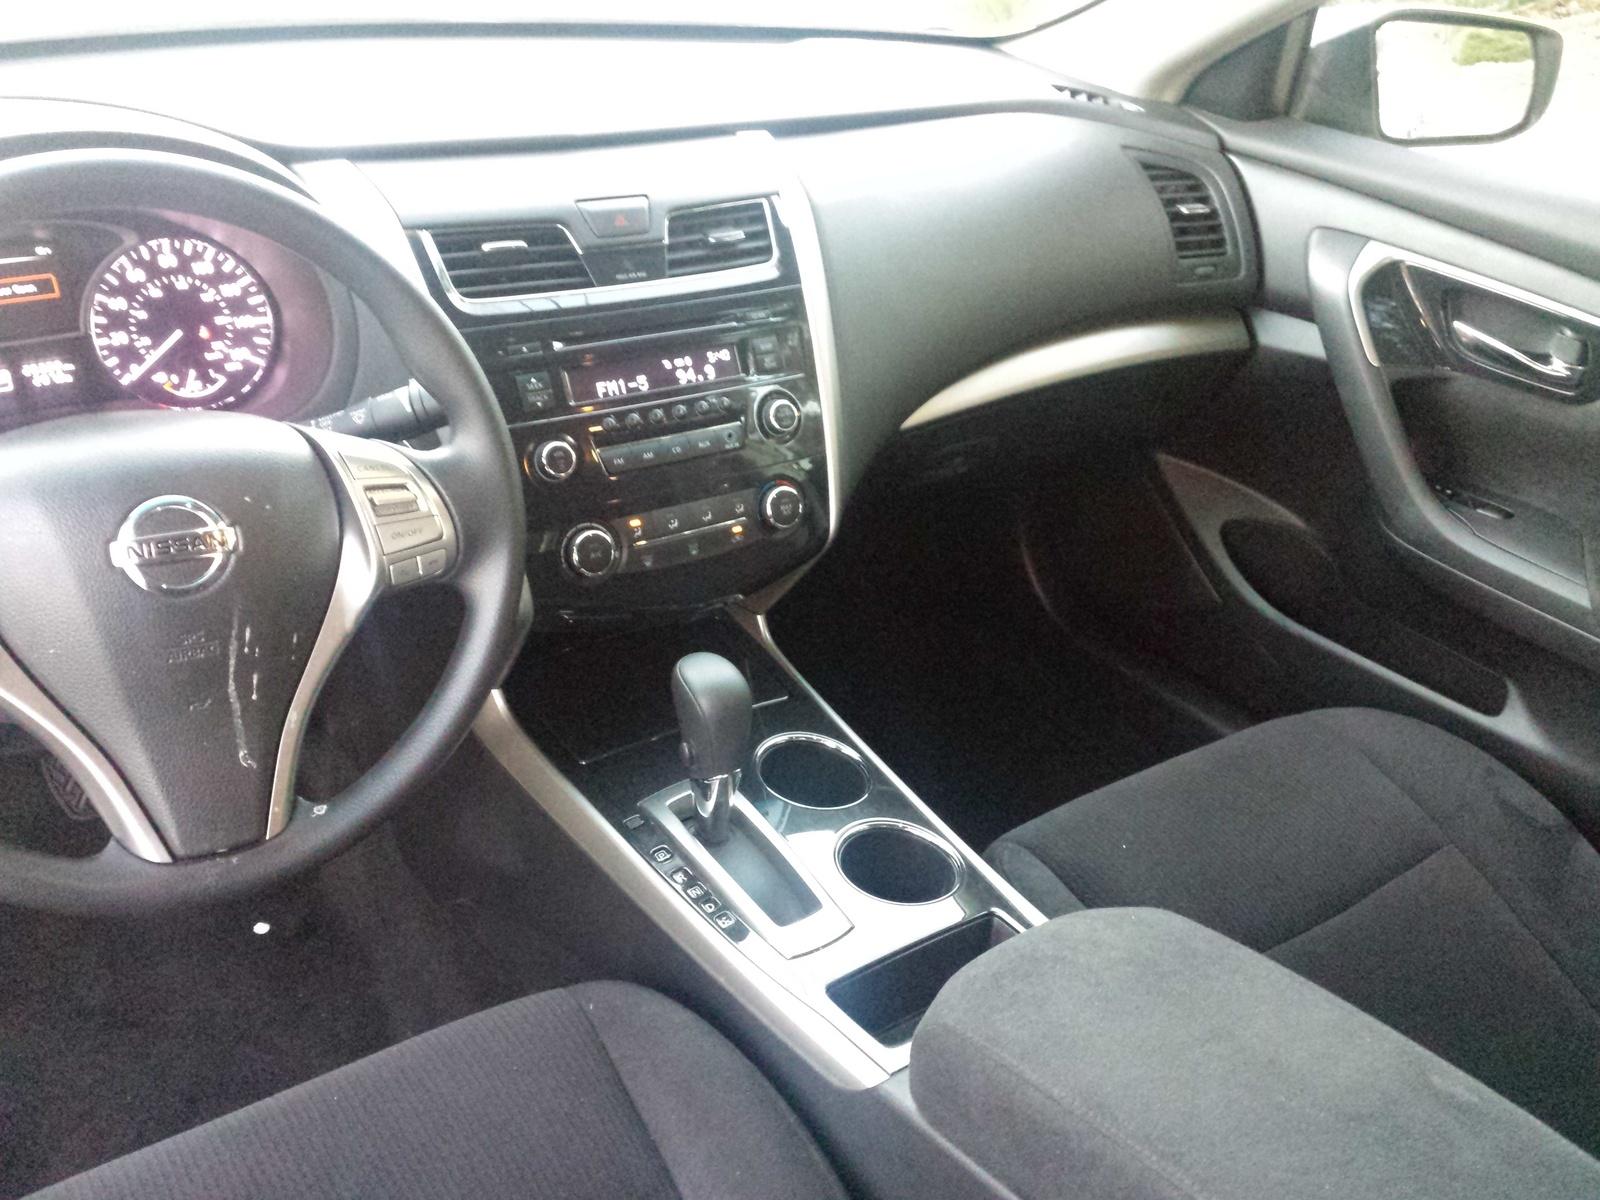 2013 Nissan Altima Pictures Cargurus